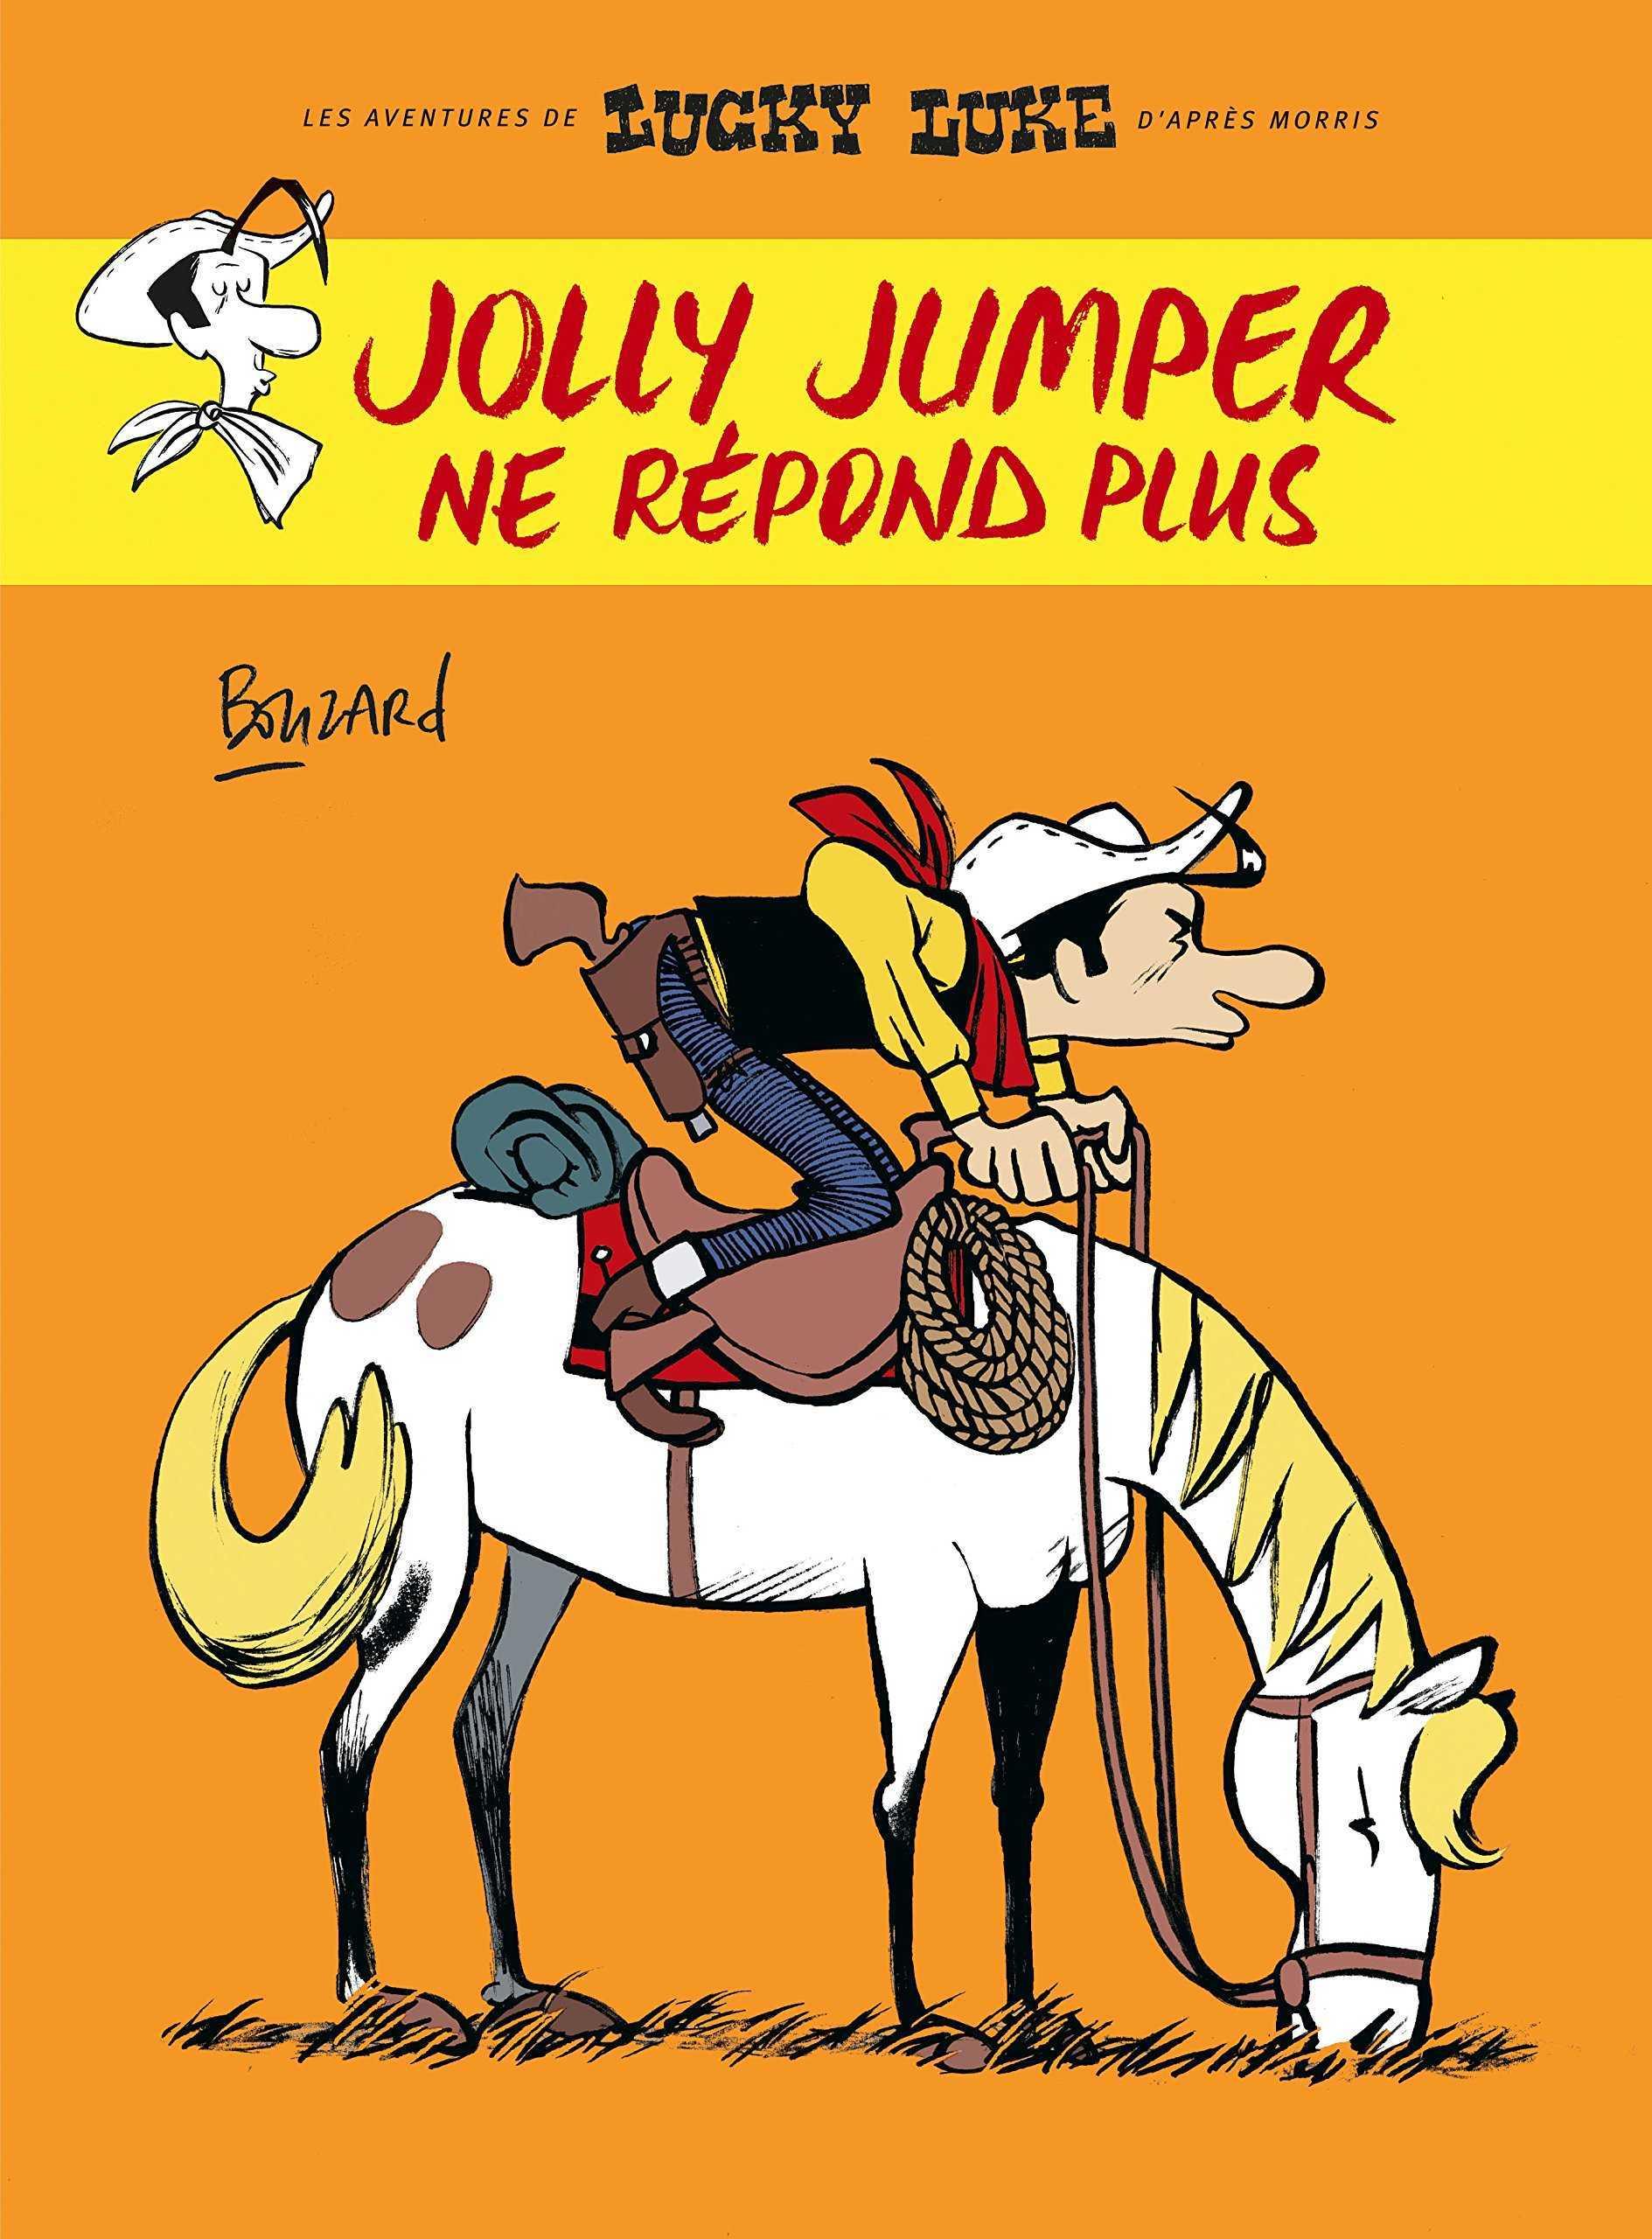 Jolly Jumper ne répond plus, Lucky Luke en mal d'affection